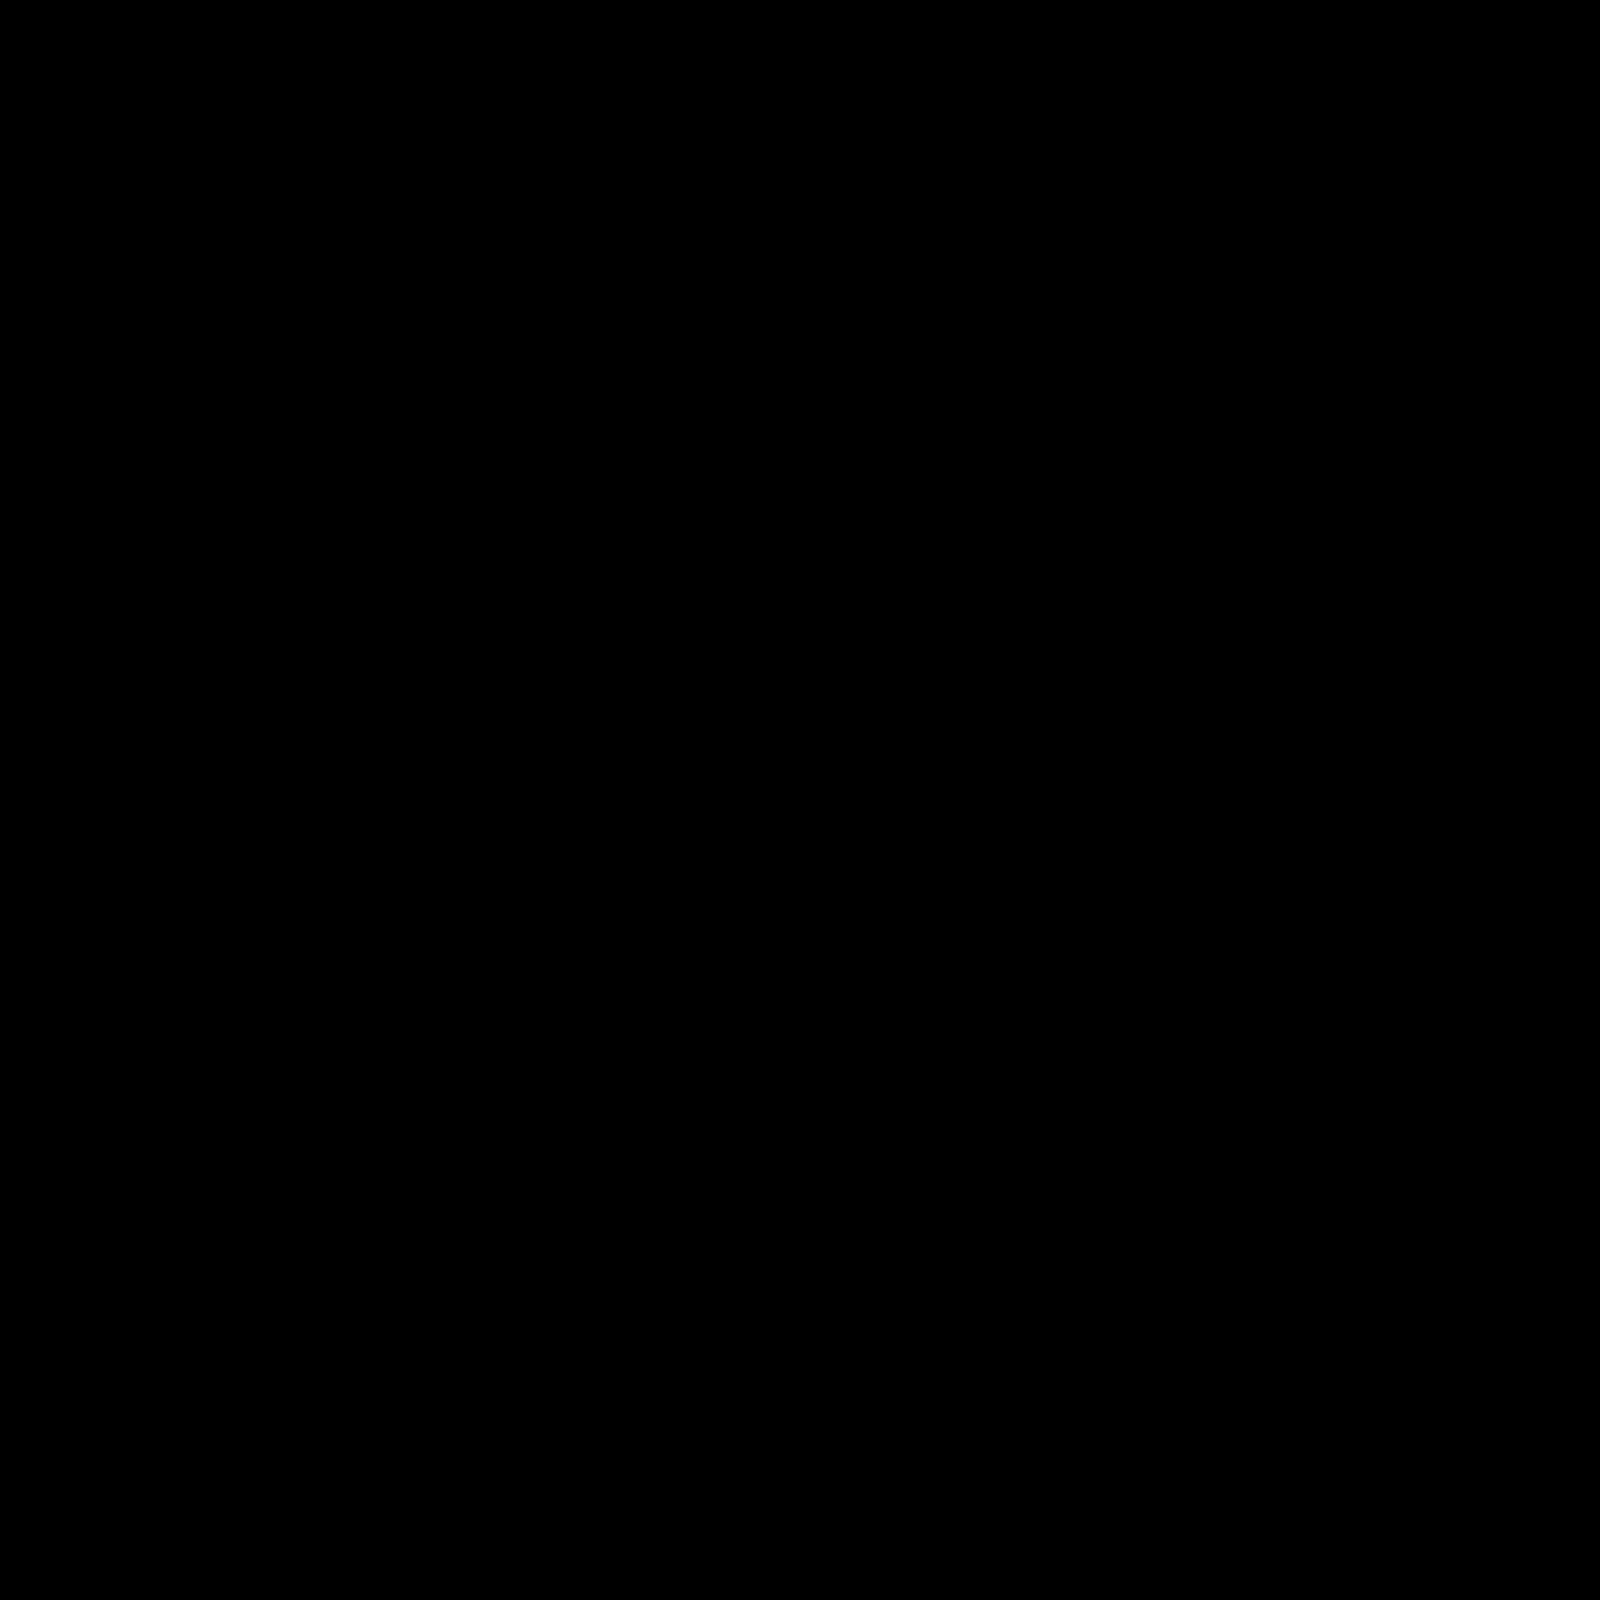 在 A 行上向左滑动 icon